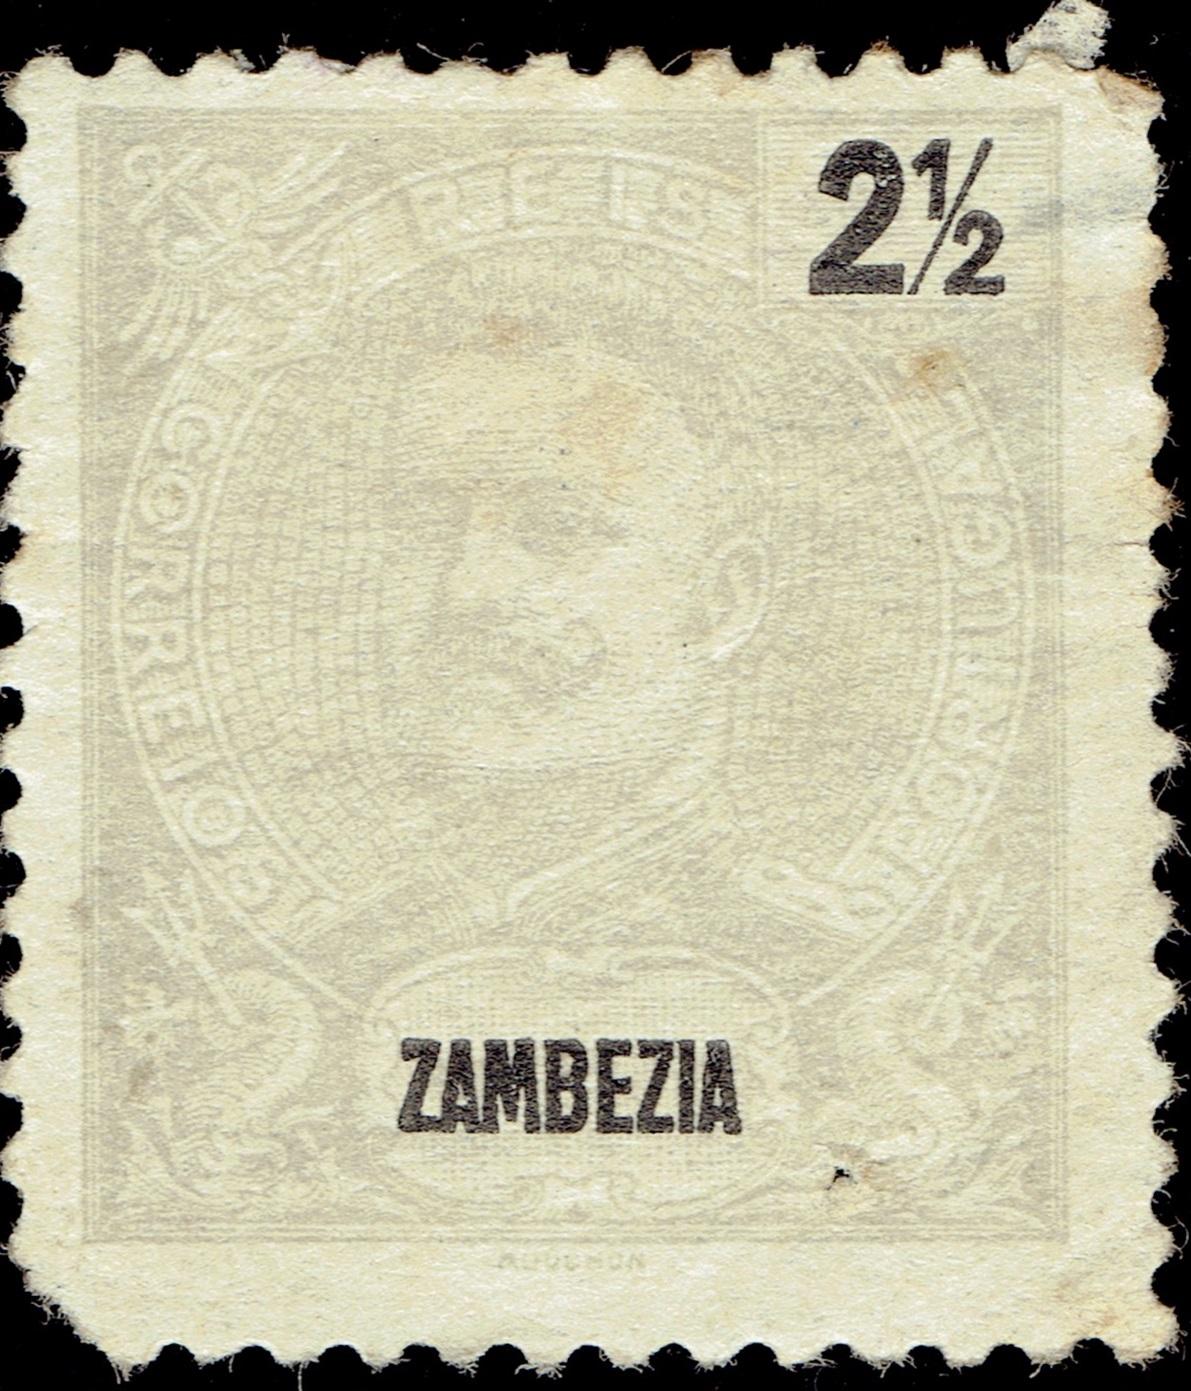 Zambezia - Scott #13 (1898)